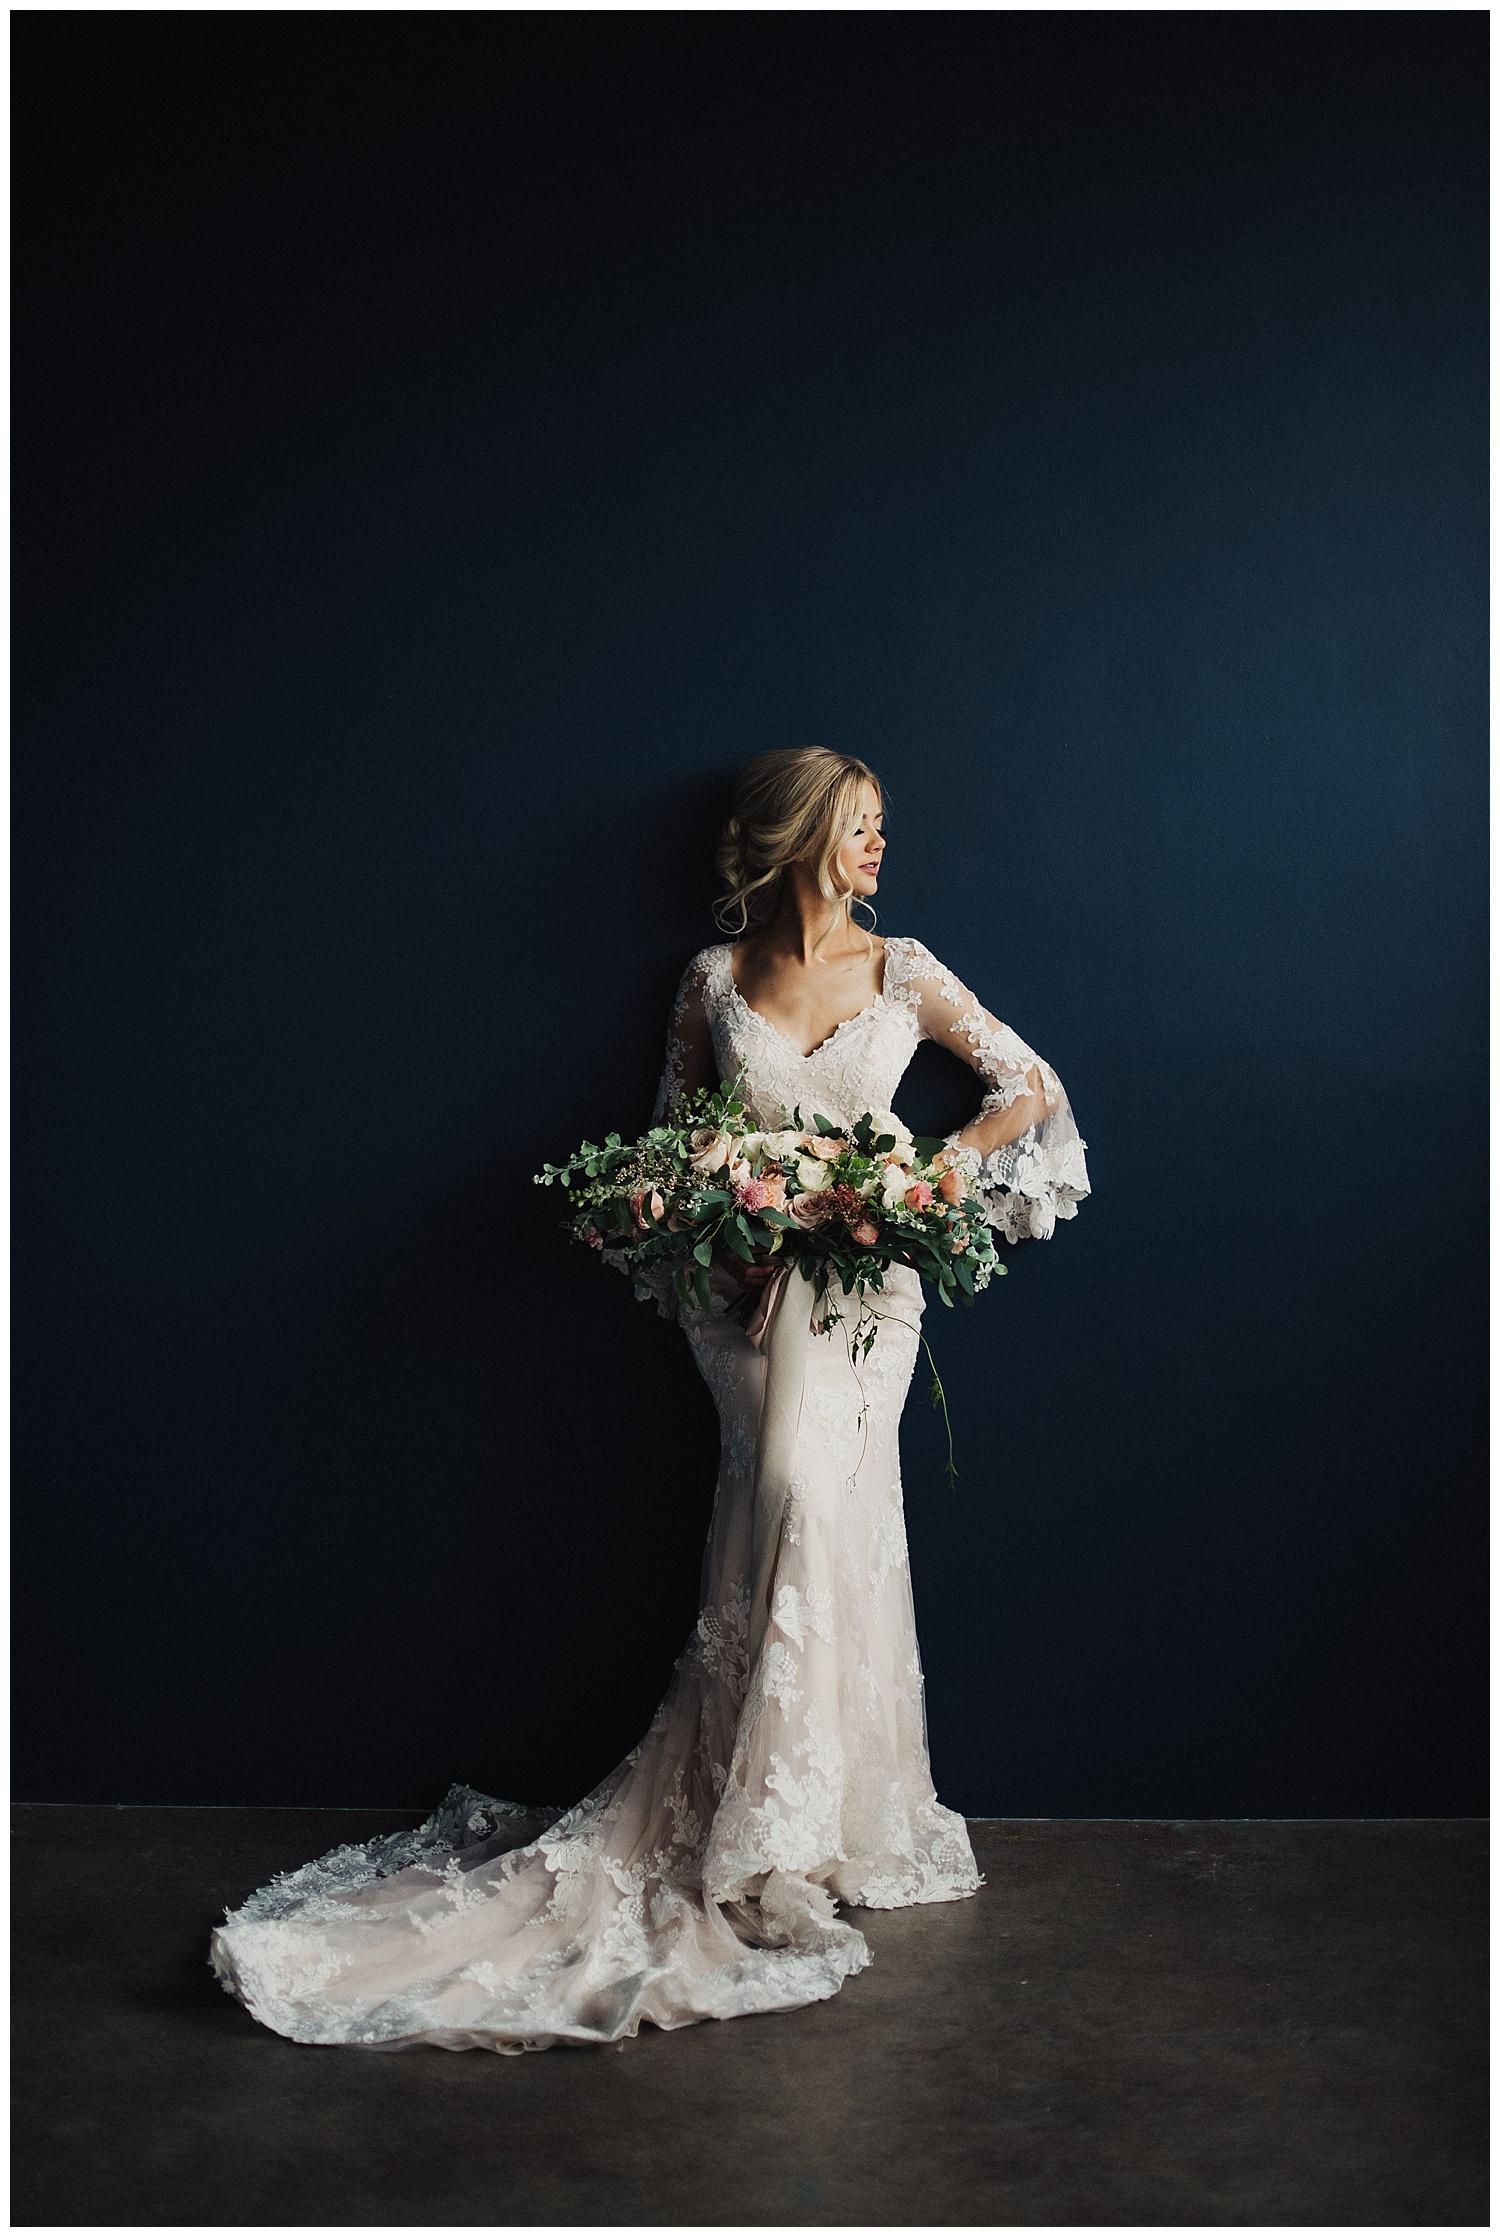 Eden Strader Photography Studio Bridals